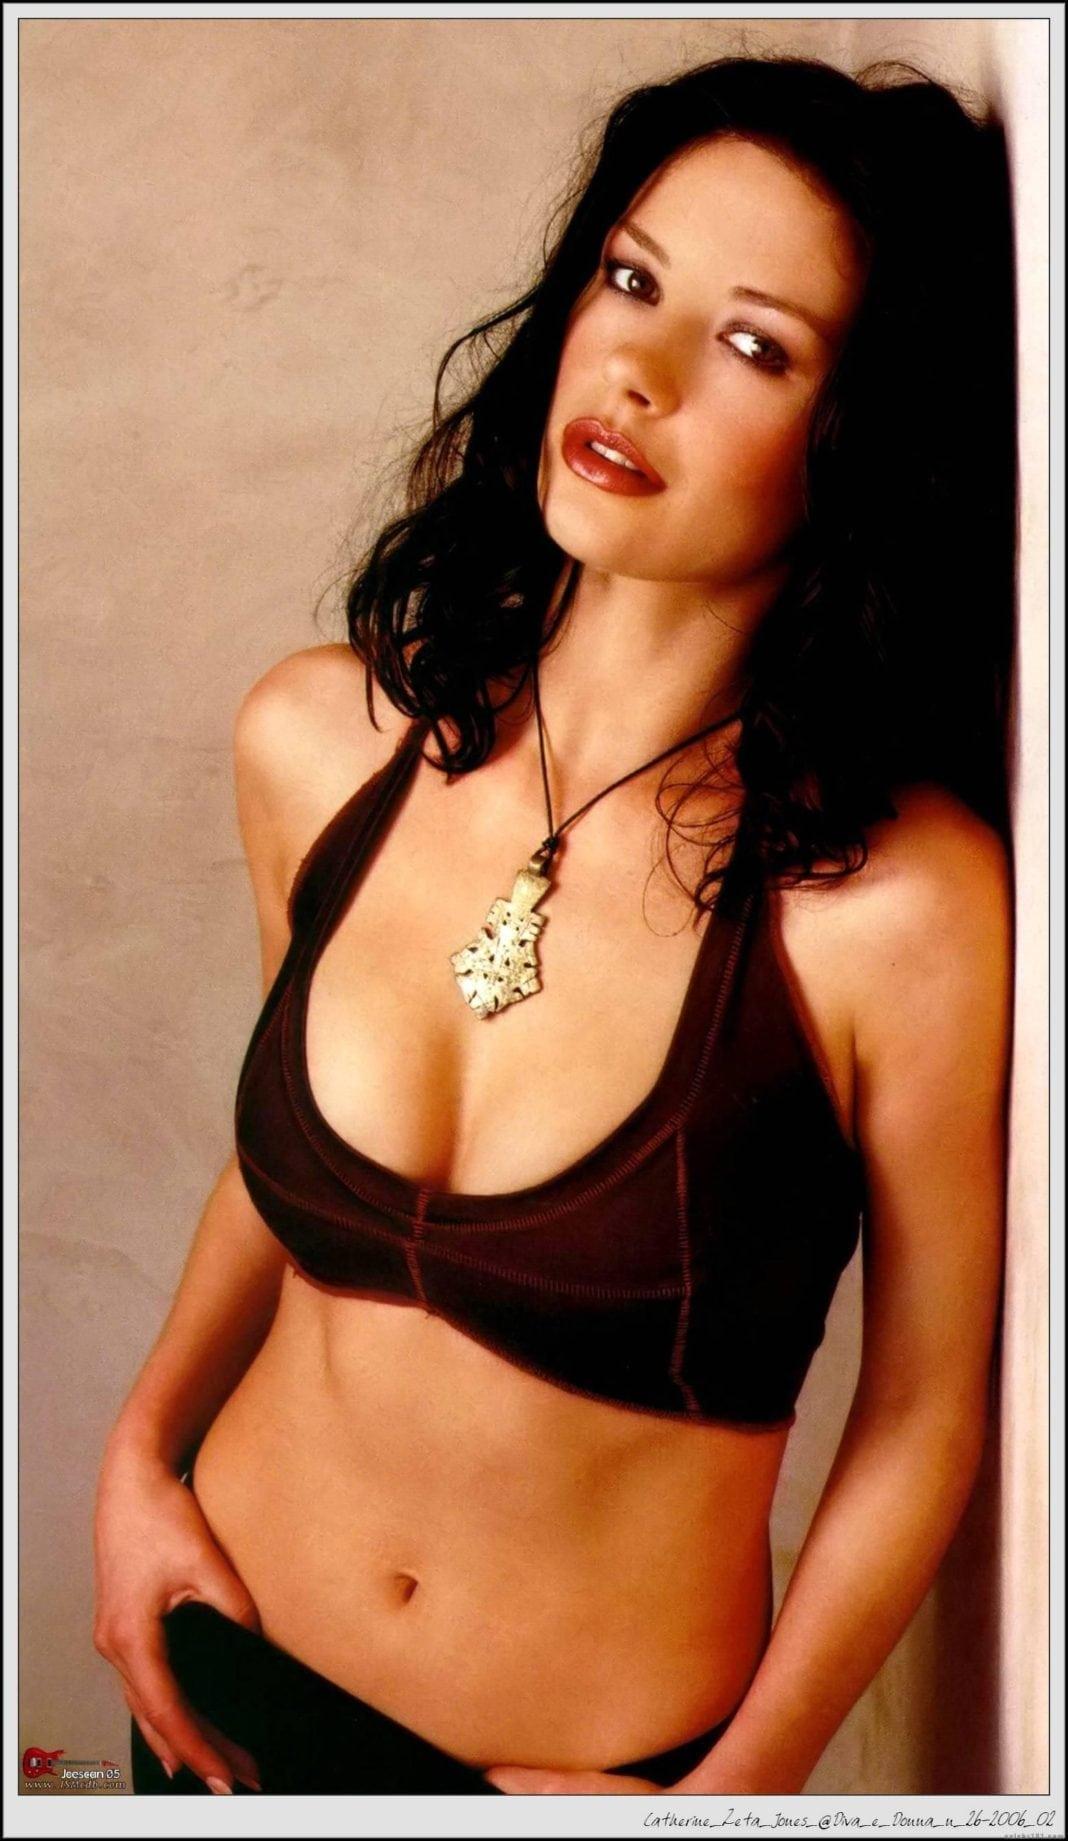 Catherine Zeta-Jones sexy cleavage pics